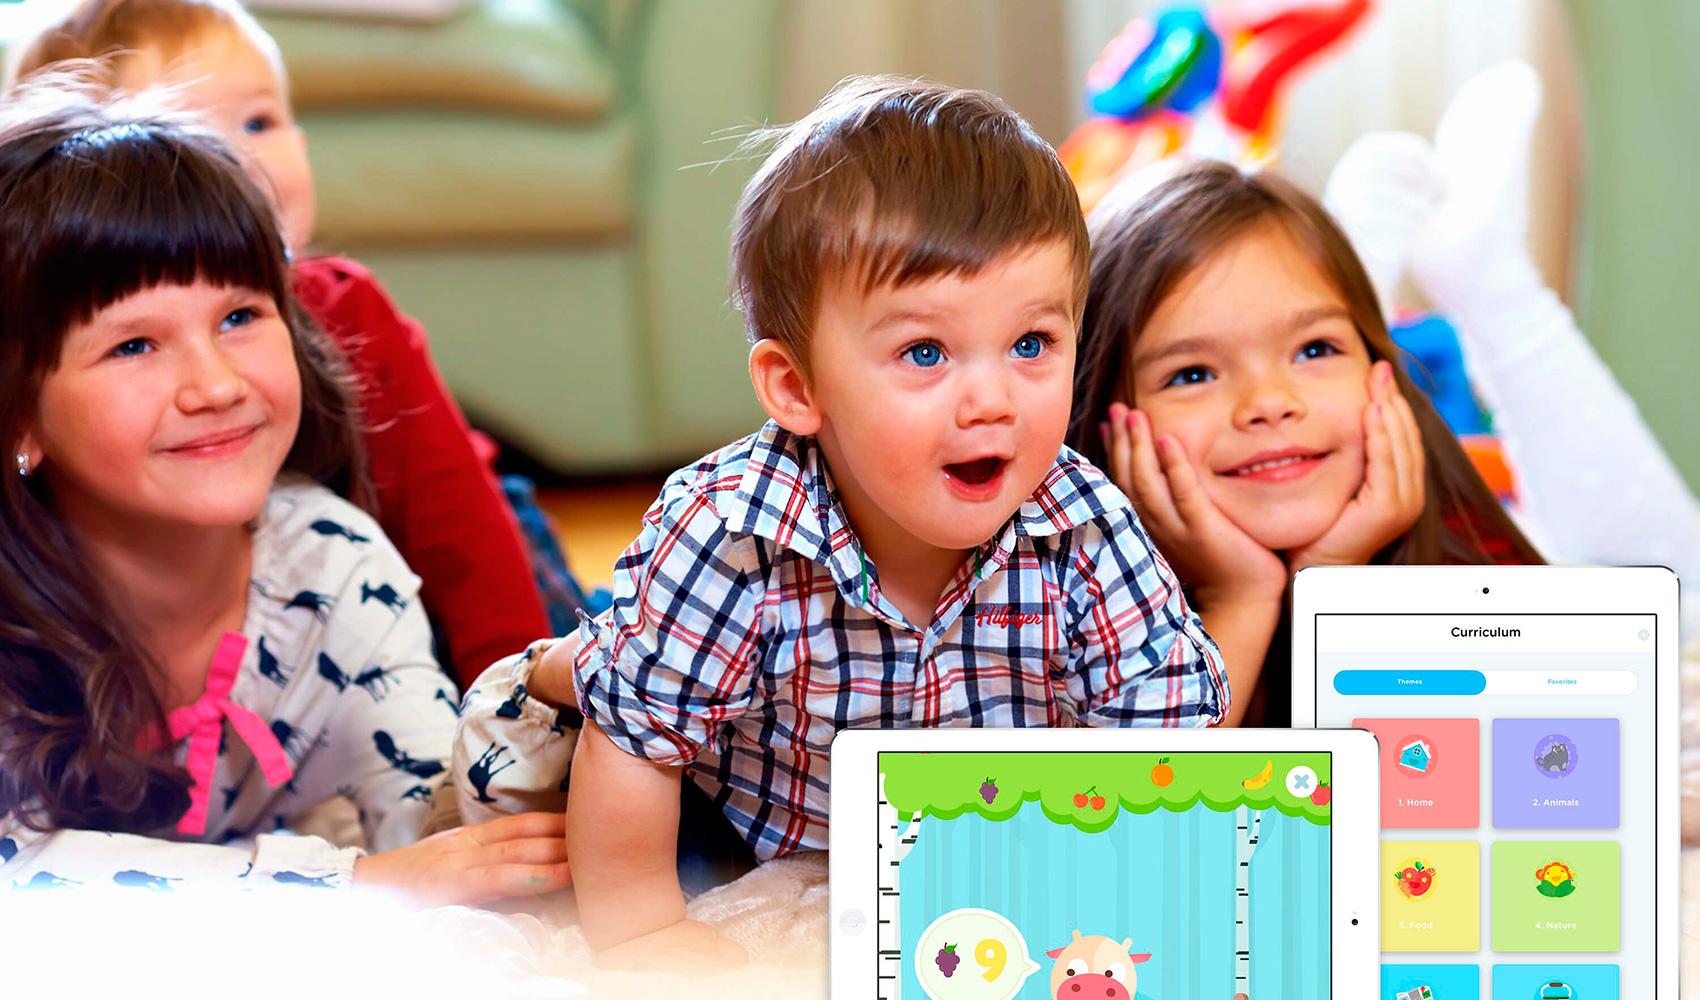 El Uso De Lingokids La App Educativa Para Ninos De 2 A 8 Anos